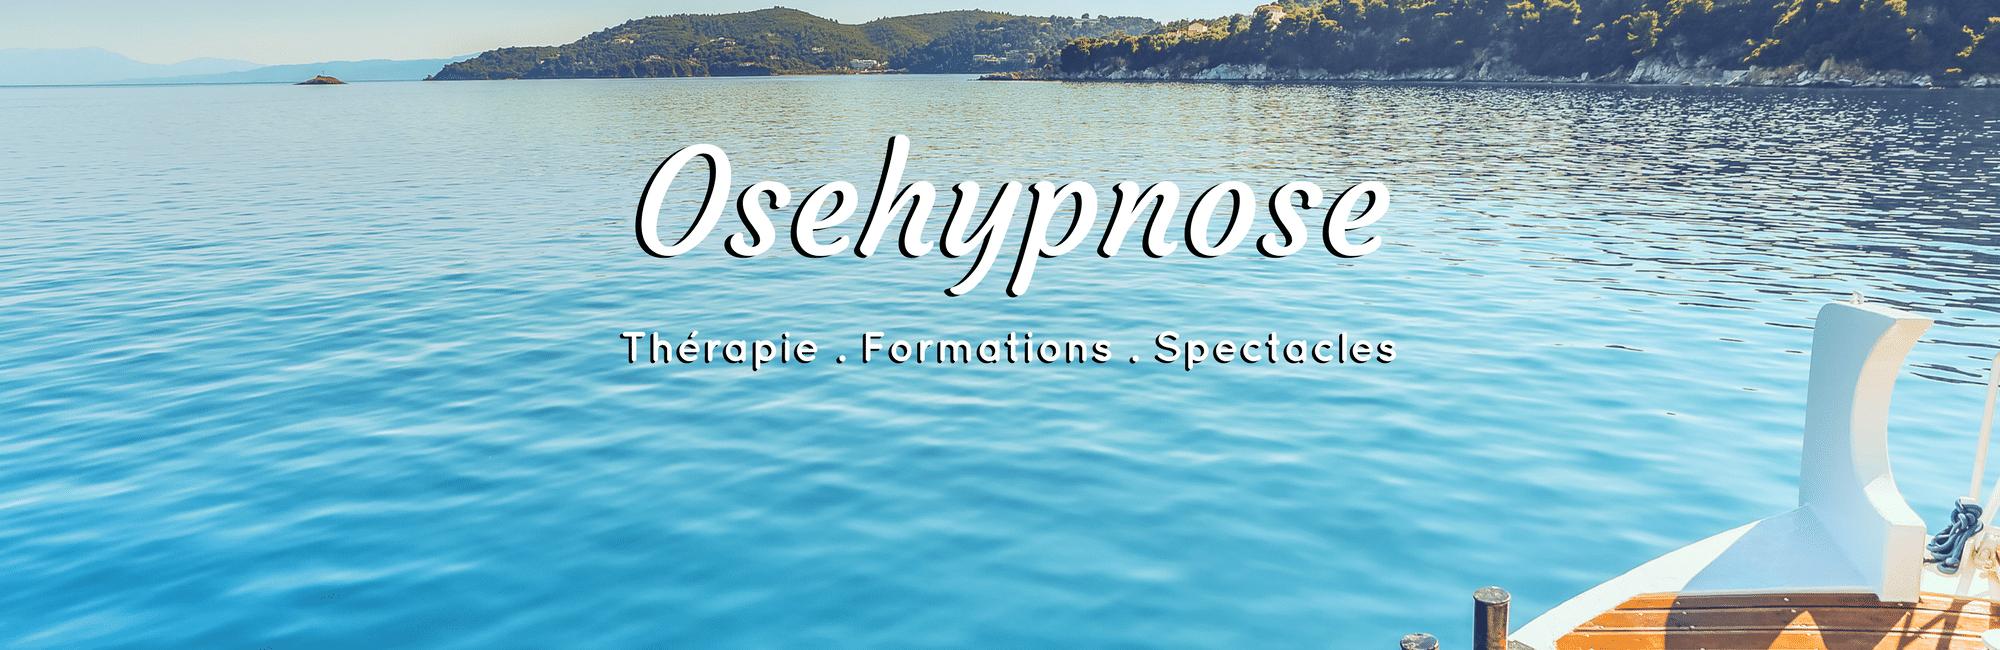 Maitre praticien enseignant en Hypnose, Ericksonienne, Hypnose spirituelle et PNL à Carry le rouet